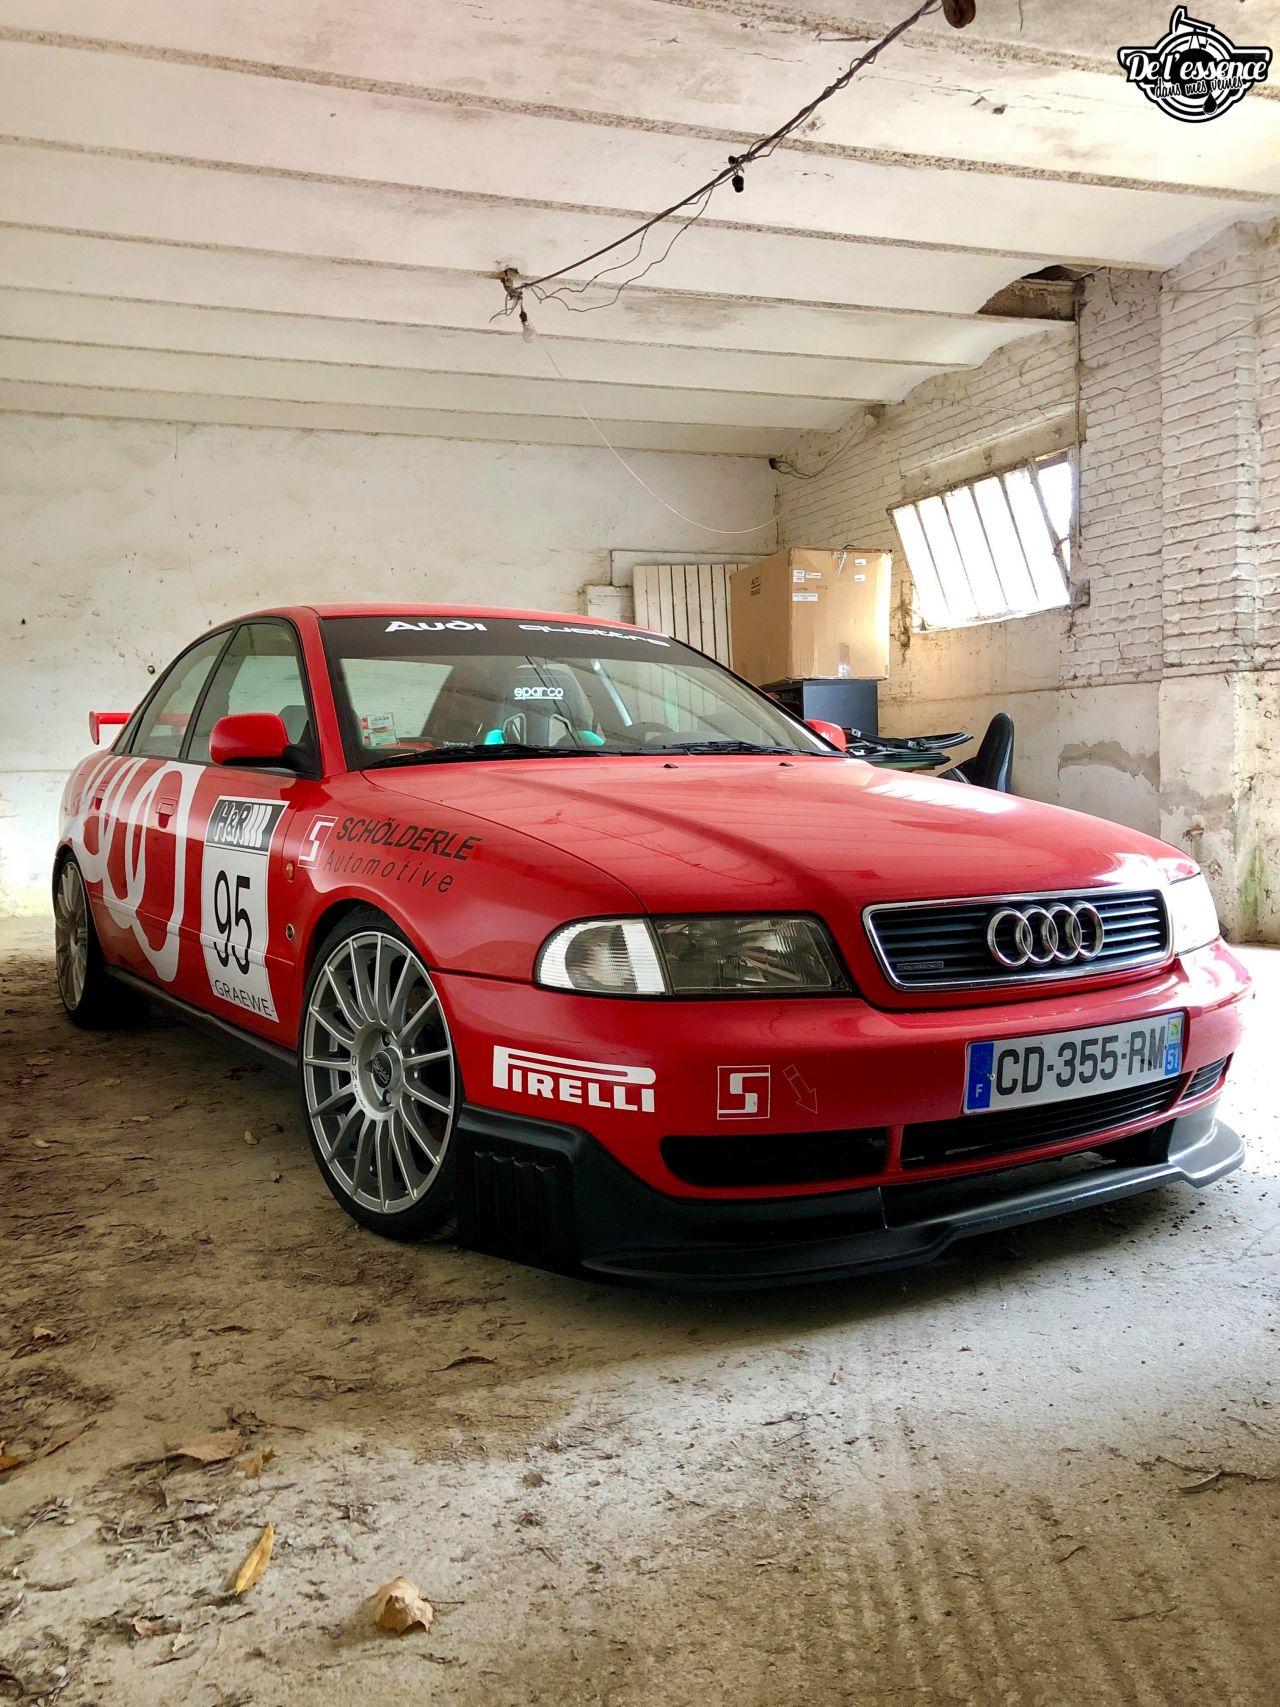 L'Audi A4 B5 2.8 Quattro de Thibault - Sur la piste ! 29